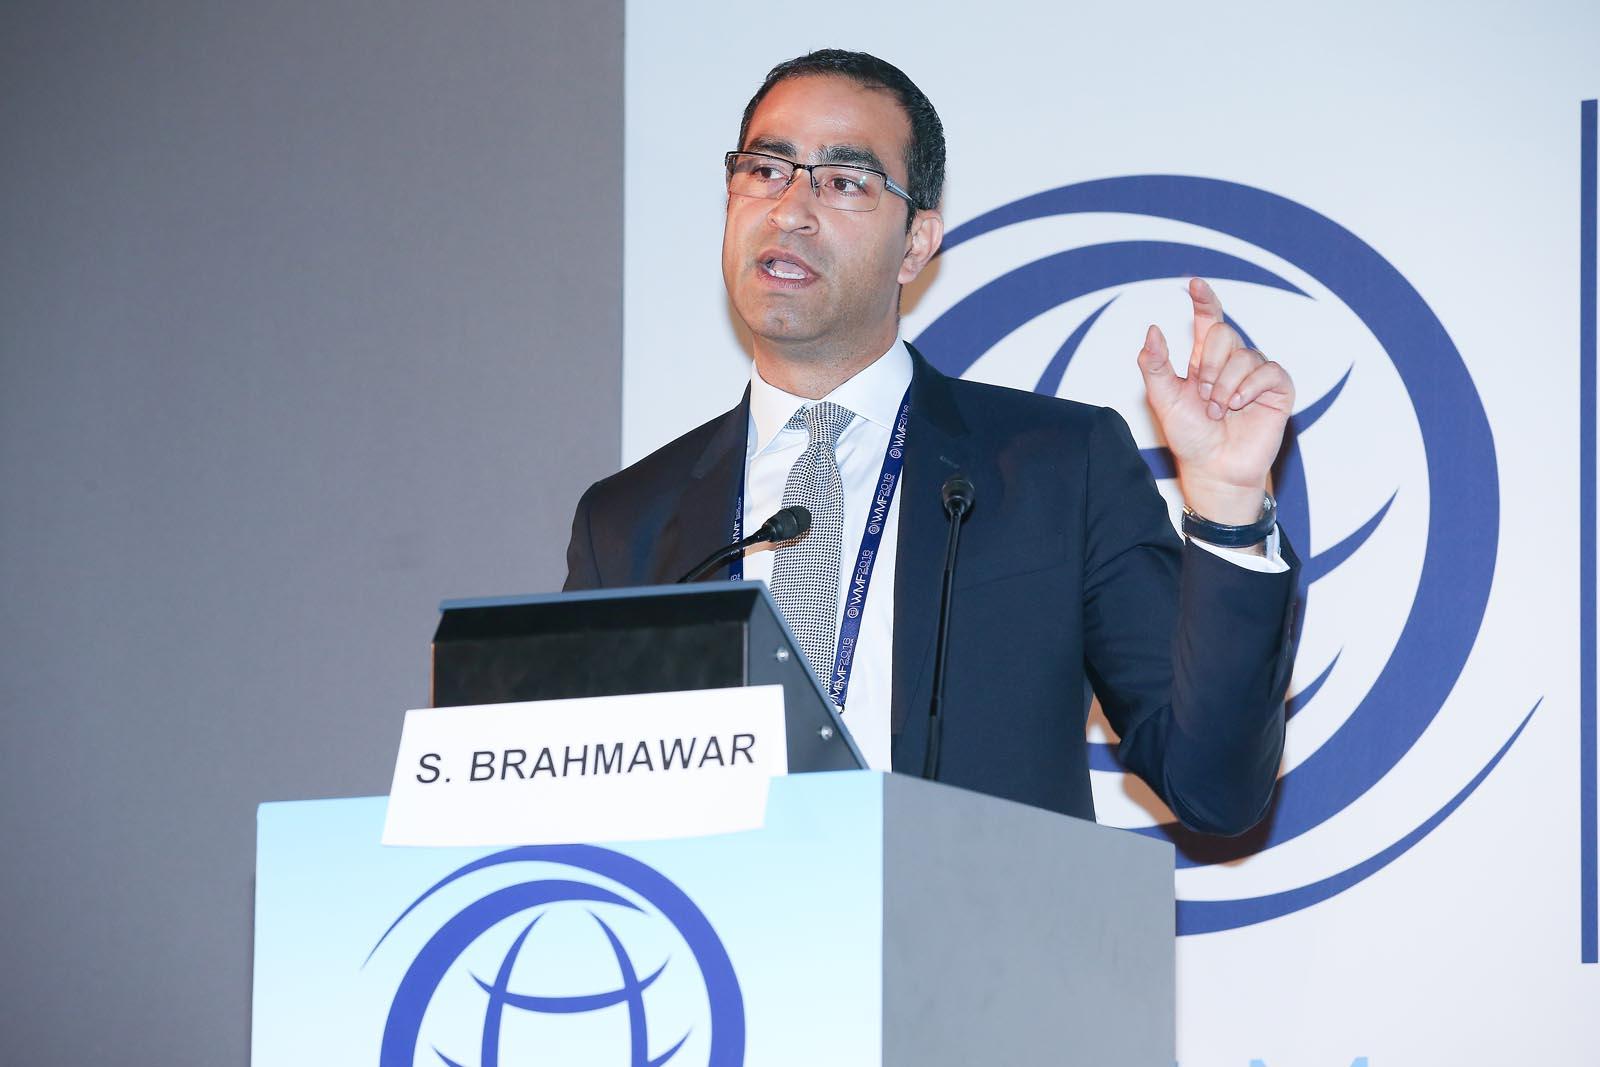 Sanjay Brahmawar